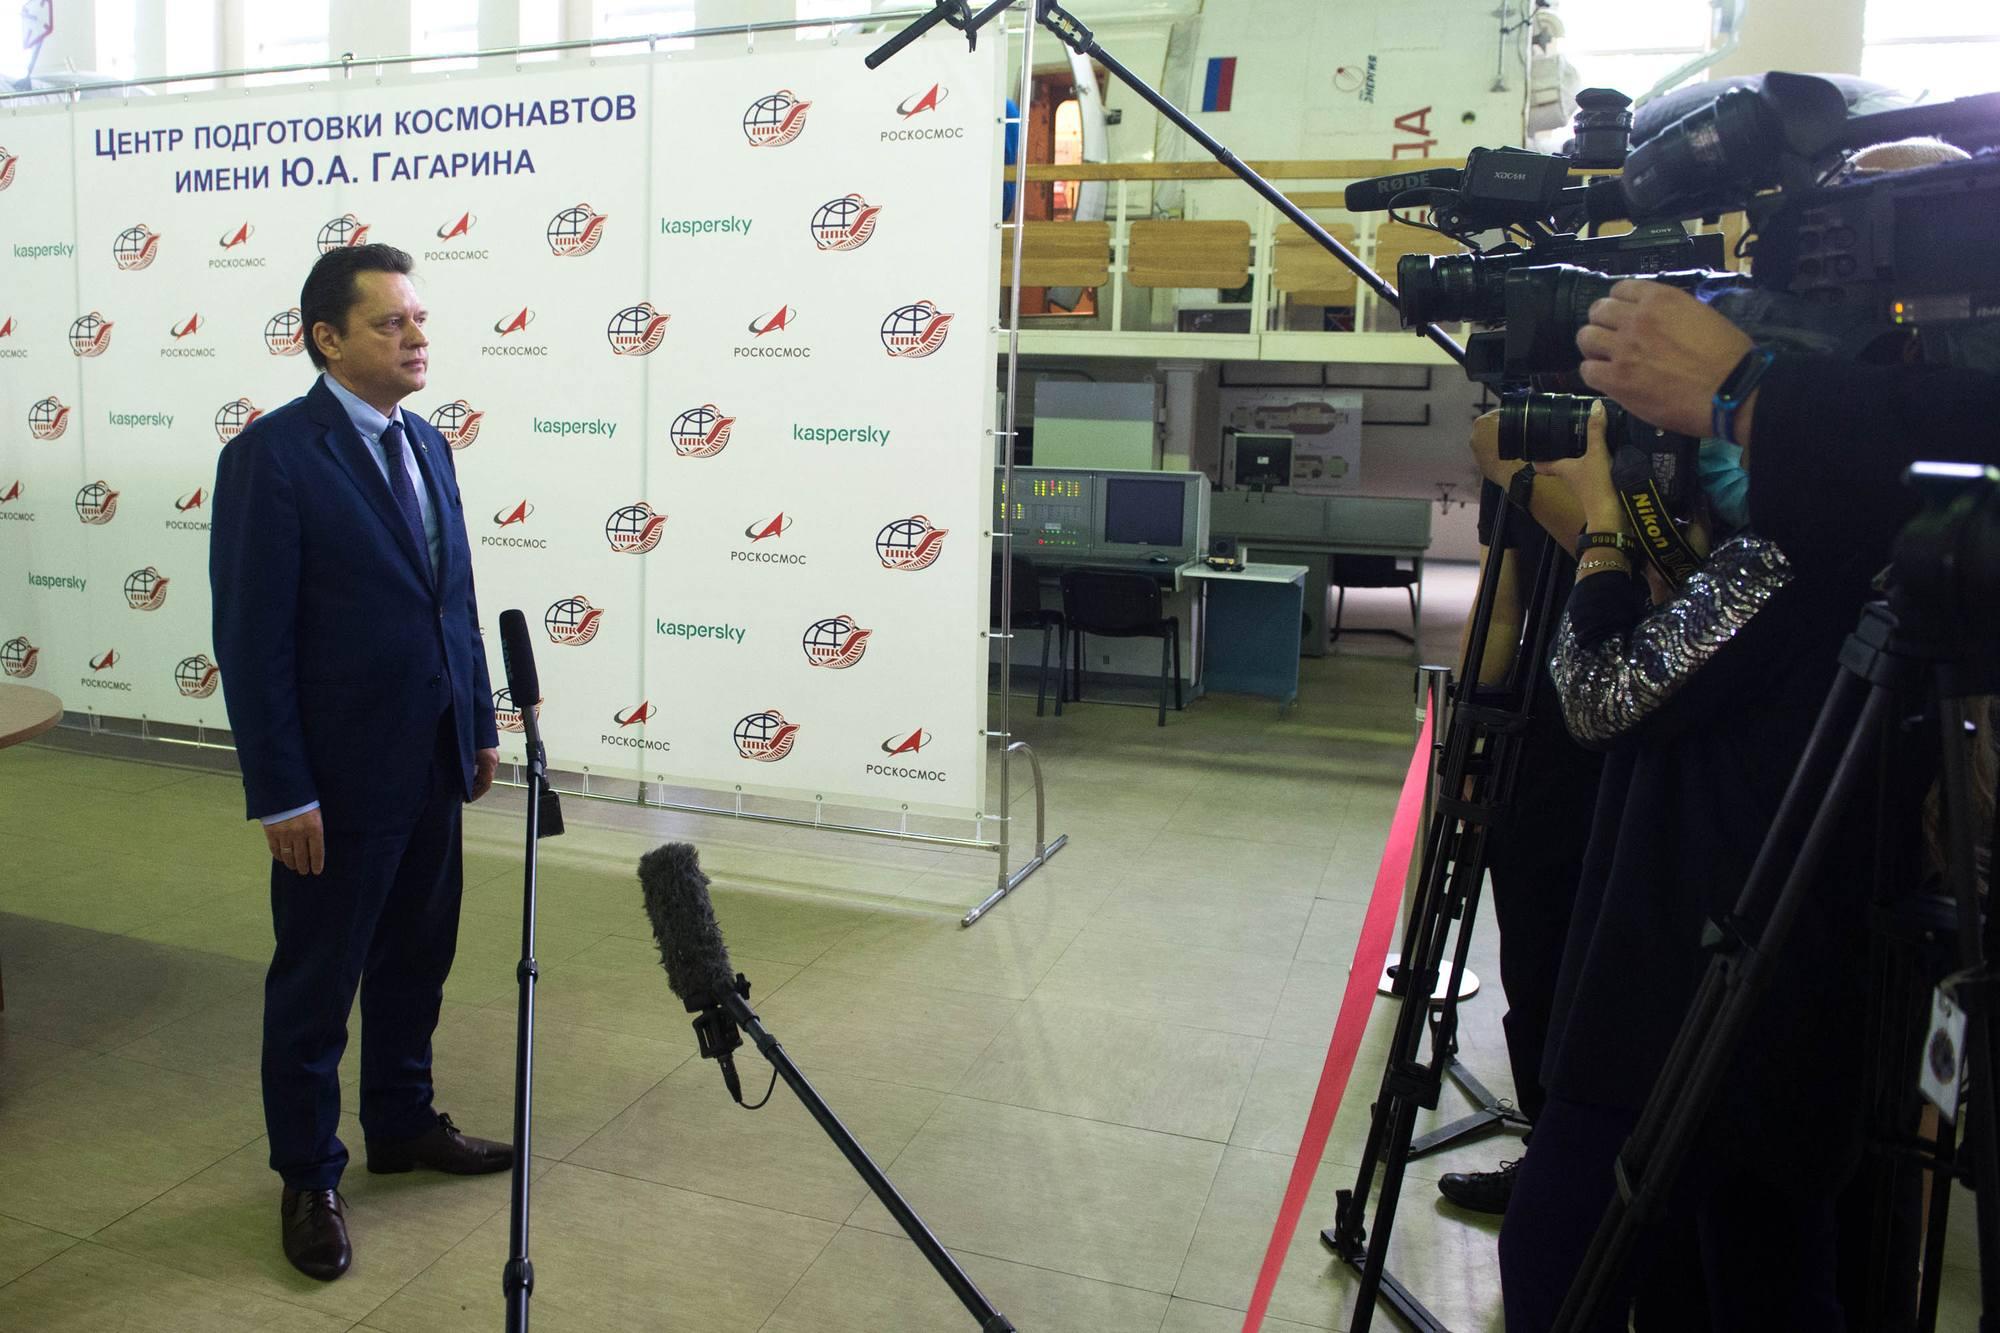 Maxime Kharlamov, le chef du TsPK, répond aux questions des journalistes.